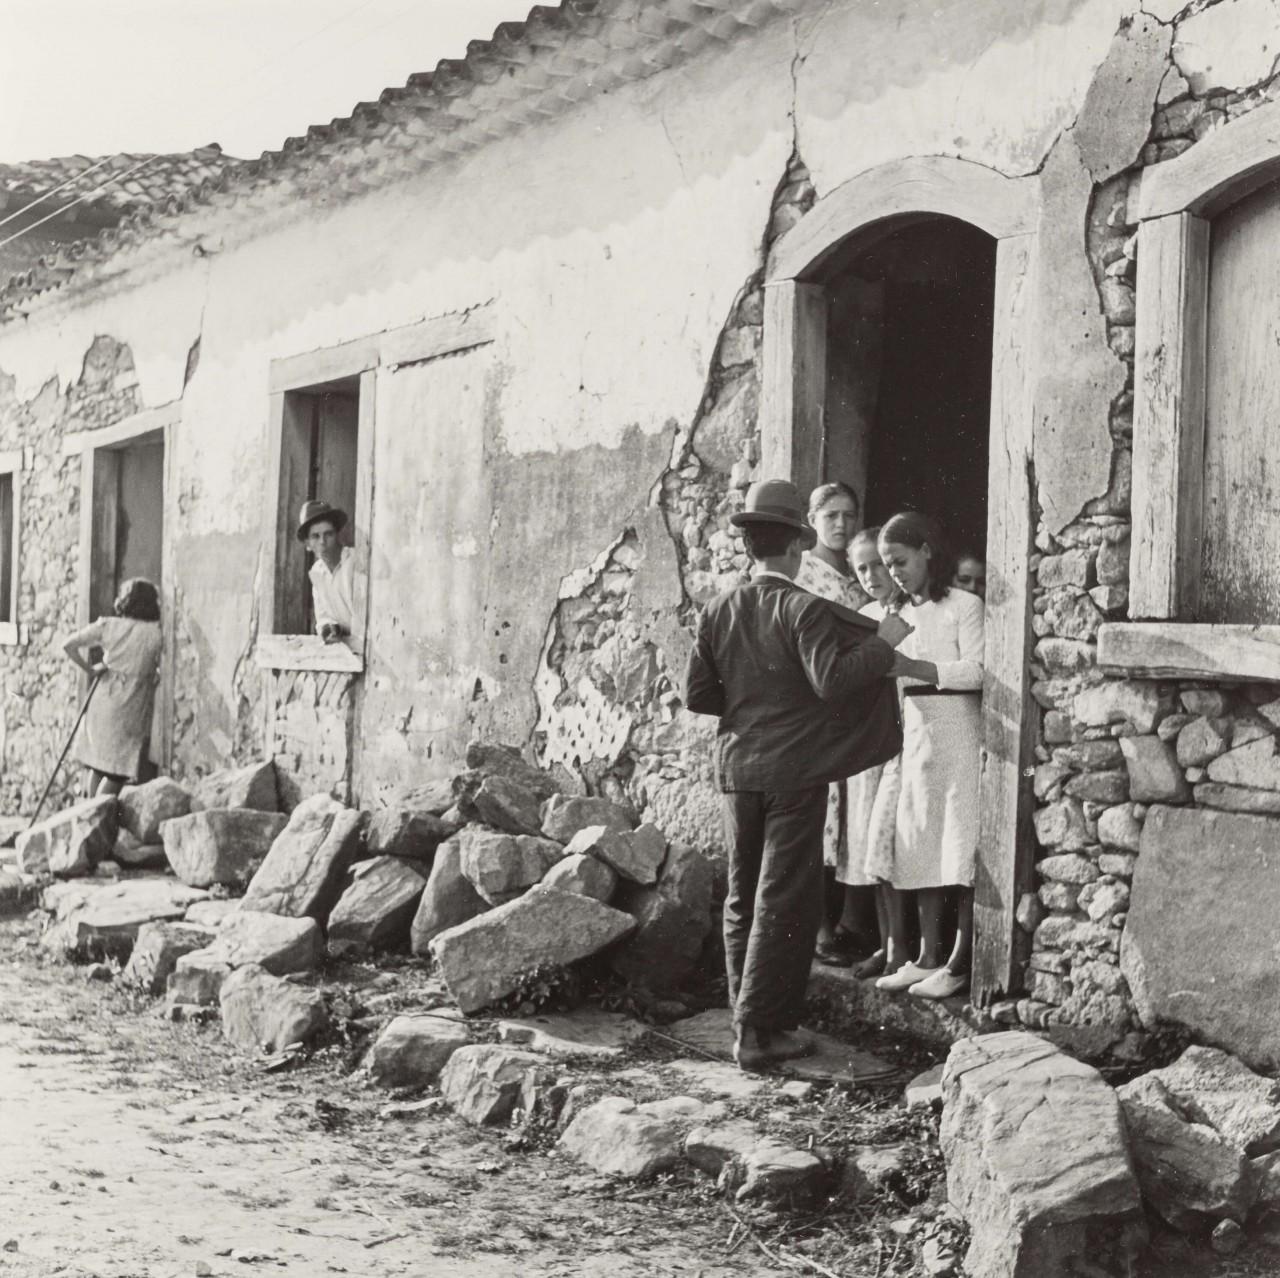 Уличная сцена в деревне, 1942. Фотограф Женевьева Нейлор